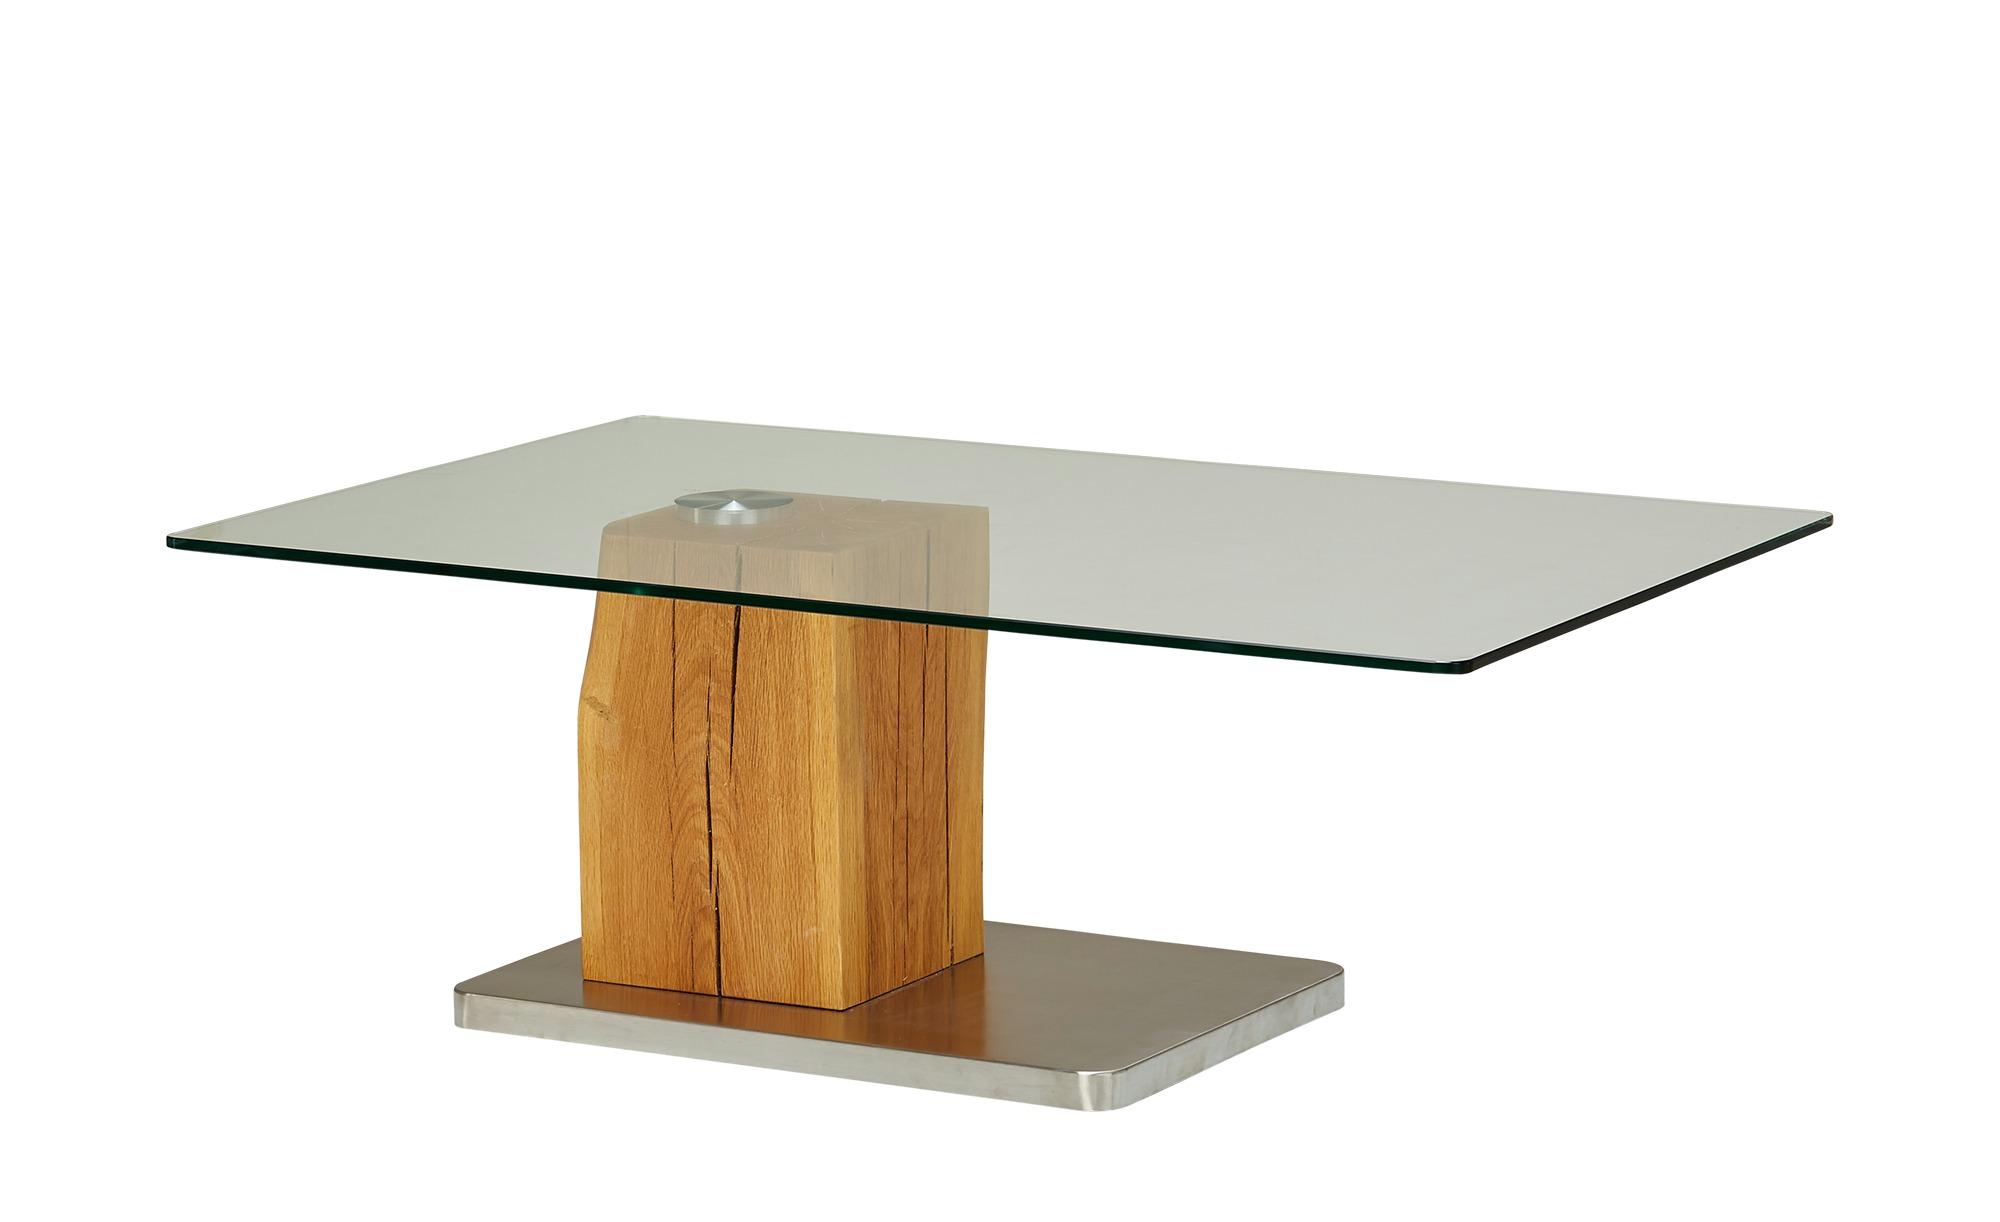 Couchtisch Holz Metall Glas  Piana ¦ holzfarben ¦ Maße (cm): B: 70 H: 40 Tische > Couchtische > Couchtische rechteckig - Höffner